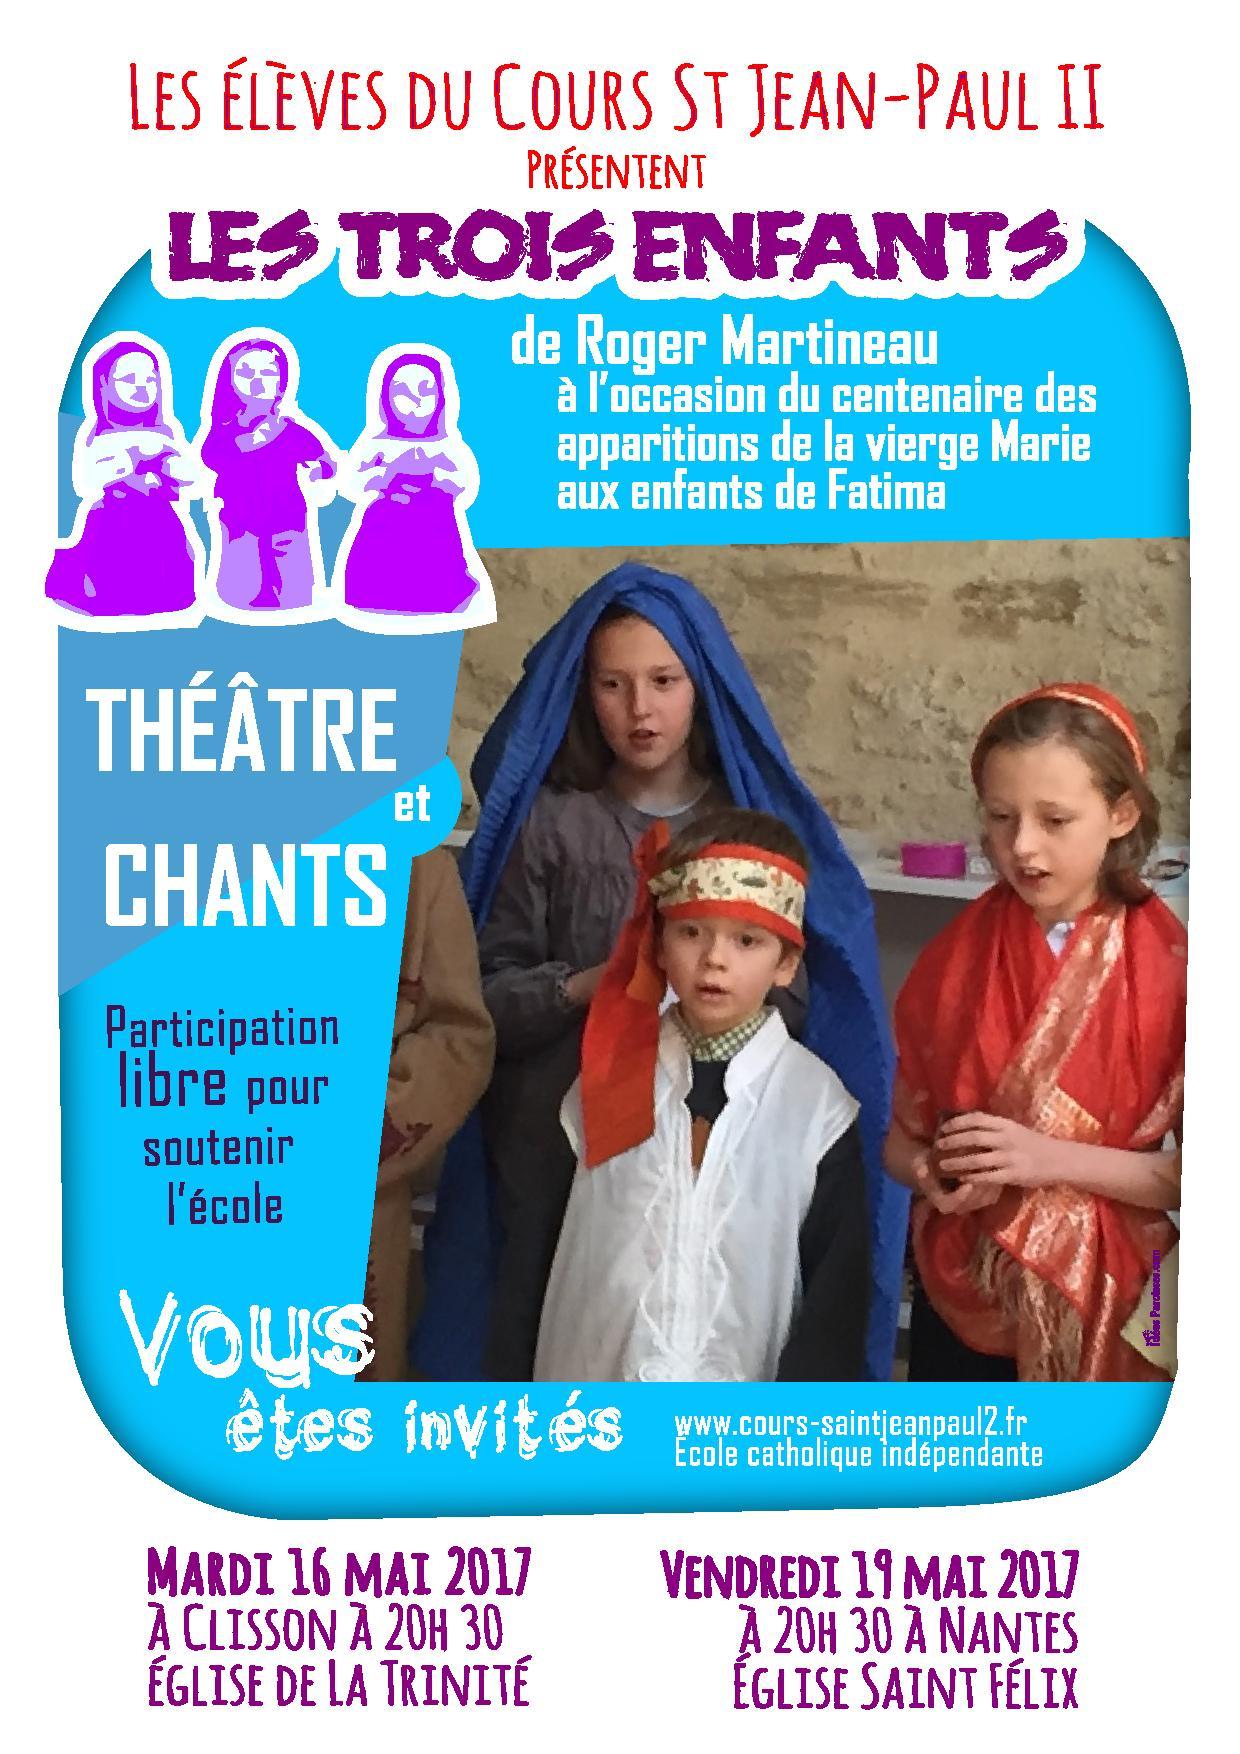 A Nantes, les élèves du cours St Jean-Paul II présentent ...